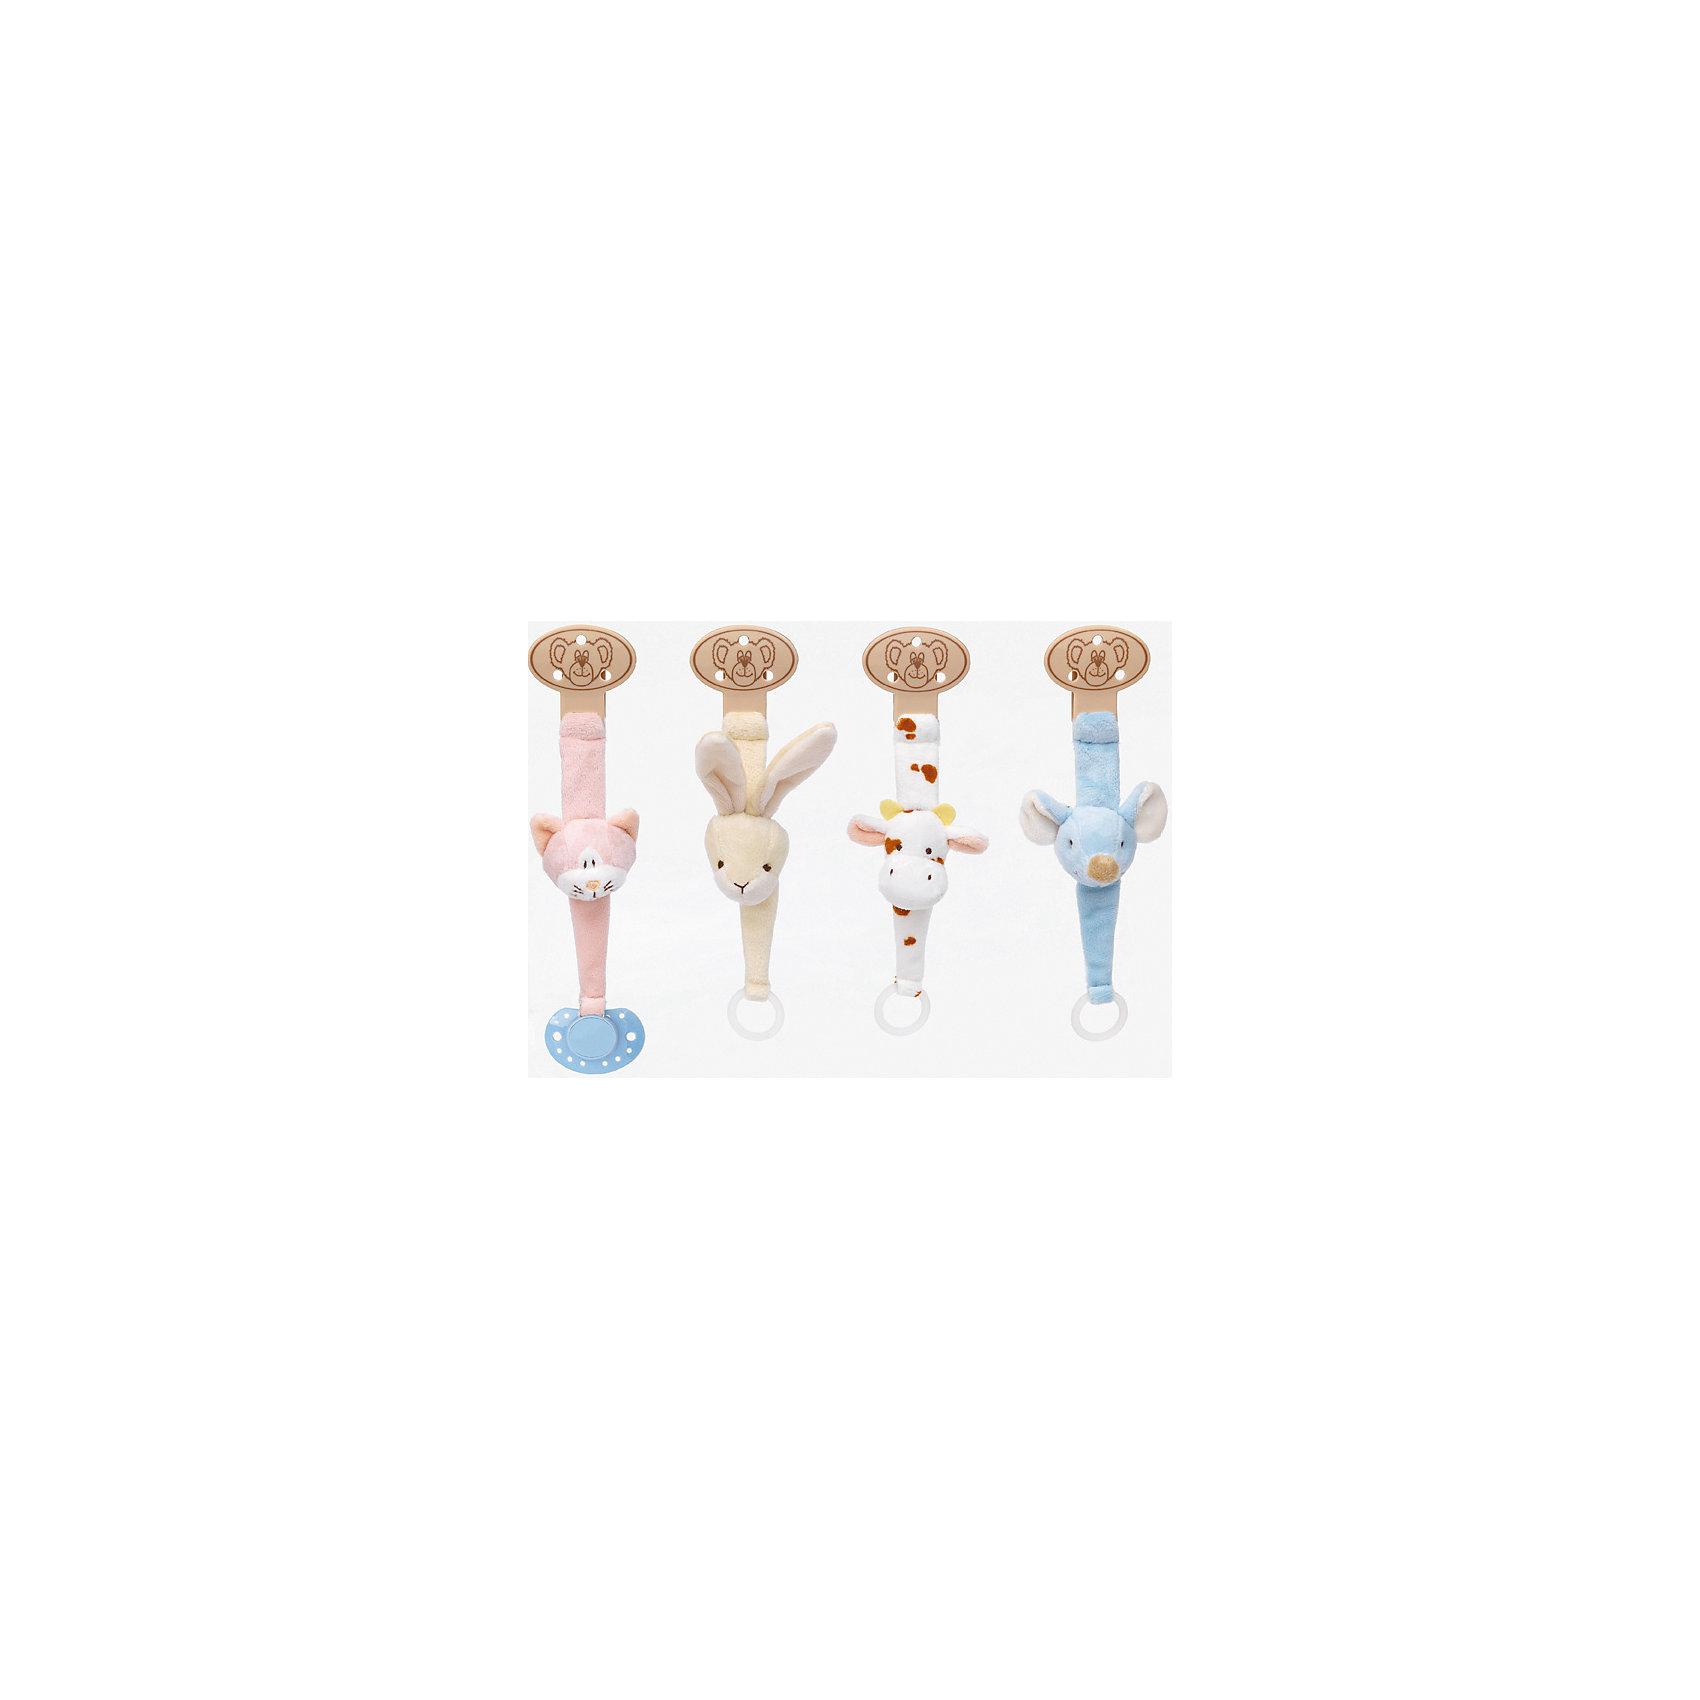 Держатель для соски Кот, ДинглисарХарактеристики игрушки Teddykompaniet: <br><br>• размер держателя для соски: 21 см;<br>• материал: 100% хлопок (безворсовый велюр), пластик;<br>• серия: Динглисар;<br>• тип крепления: пластиковая клипса.<br><br>Держатель для соски крепится к одежде малыша с помощью пластикового карабина. Мягкая игрушка с мордочкой котика приятная на ощупь, выполнена из велюра. На другом конце держателя находится пластиковое кольцо-держатель, к которому крепится пустышка. <br><br>Держатель для соски Кот, Динглисар можно купить в нашем интернет-магазине.<br><br>Ширина мм: 50<br>Глубина мм: 100<br>Высота мм: 100<br>Вес г: 210<br>Возраст от месяцев: 0<br>Возраст до месяцев: 12<br>Пол: Женский<br>Возраст: Детский<br>SKU: 5219499